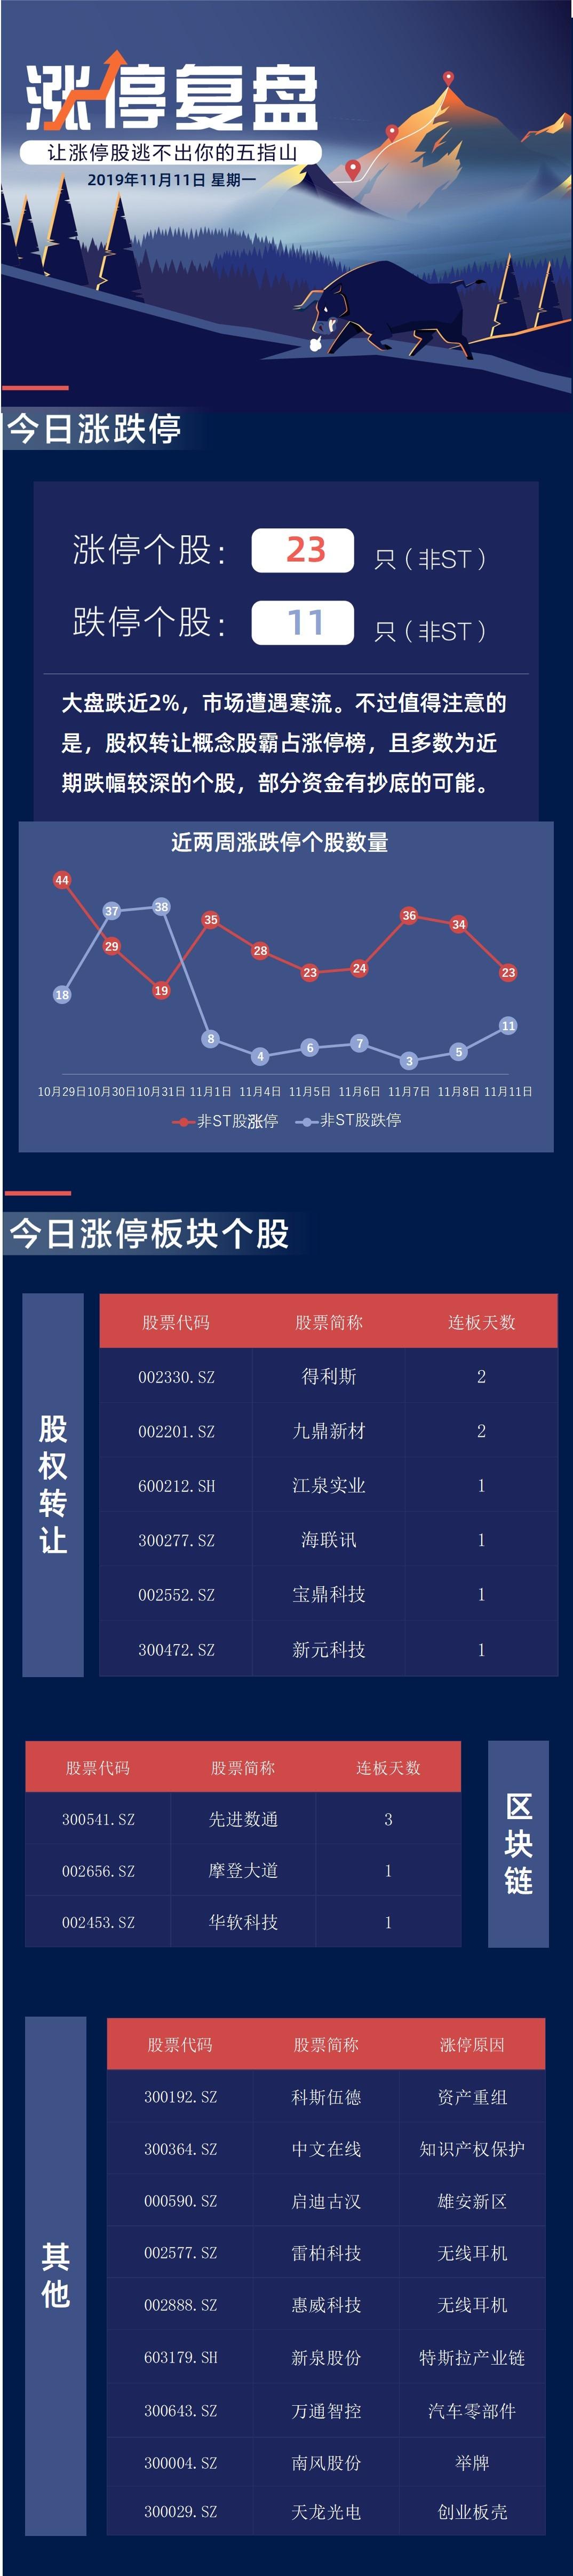 鼎博娱乐下载_黑猫投诉旅游消费权益白皮书:旅游消费GDP快速增长